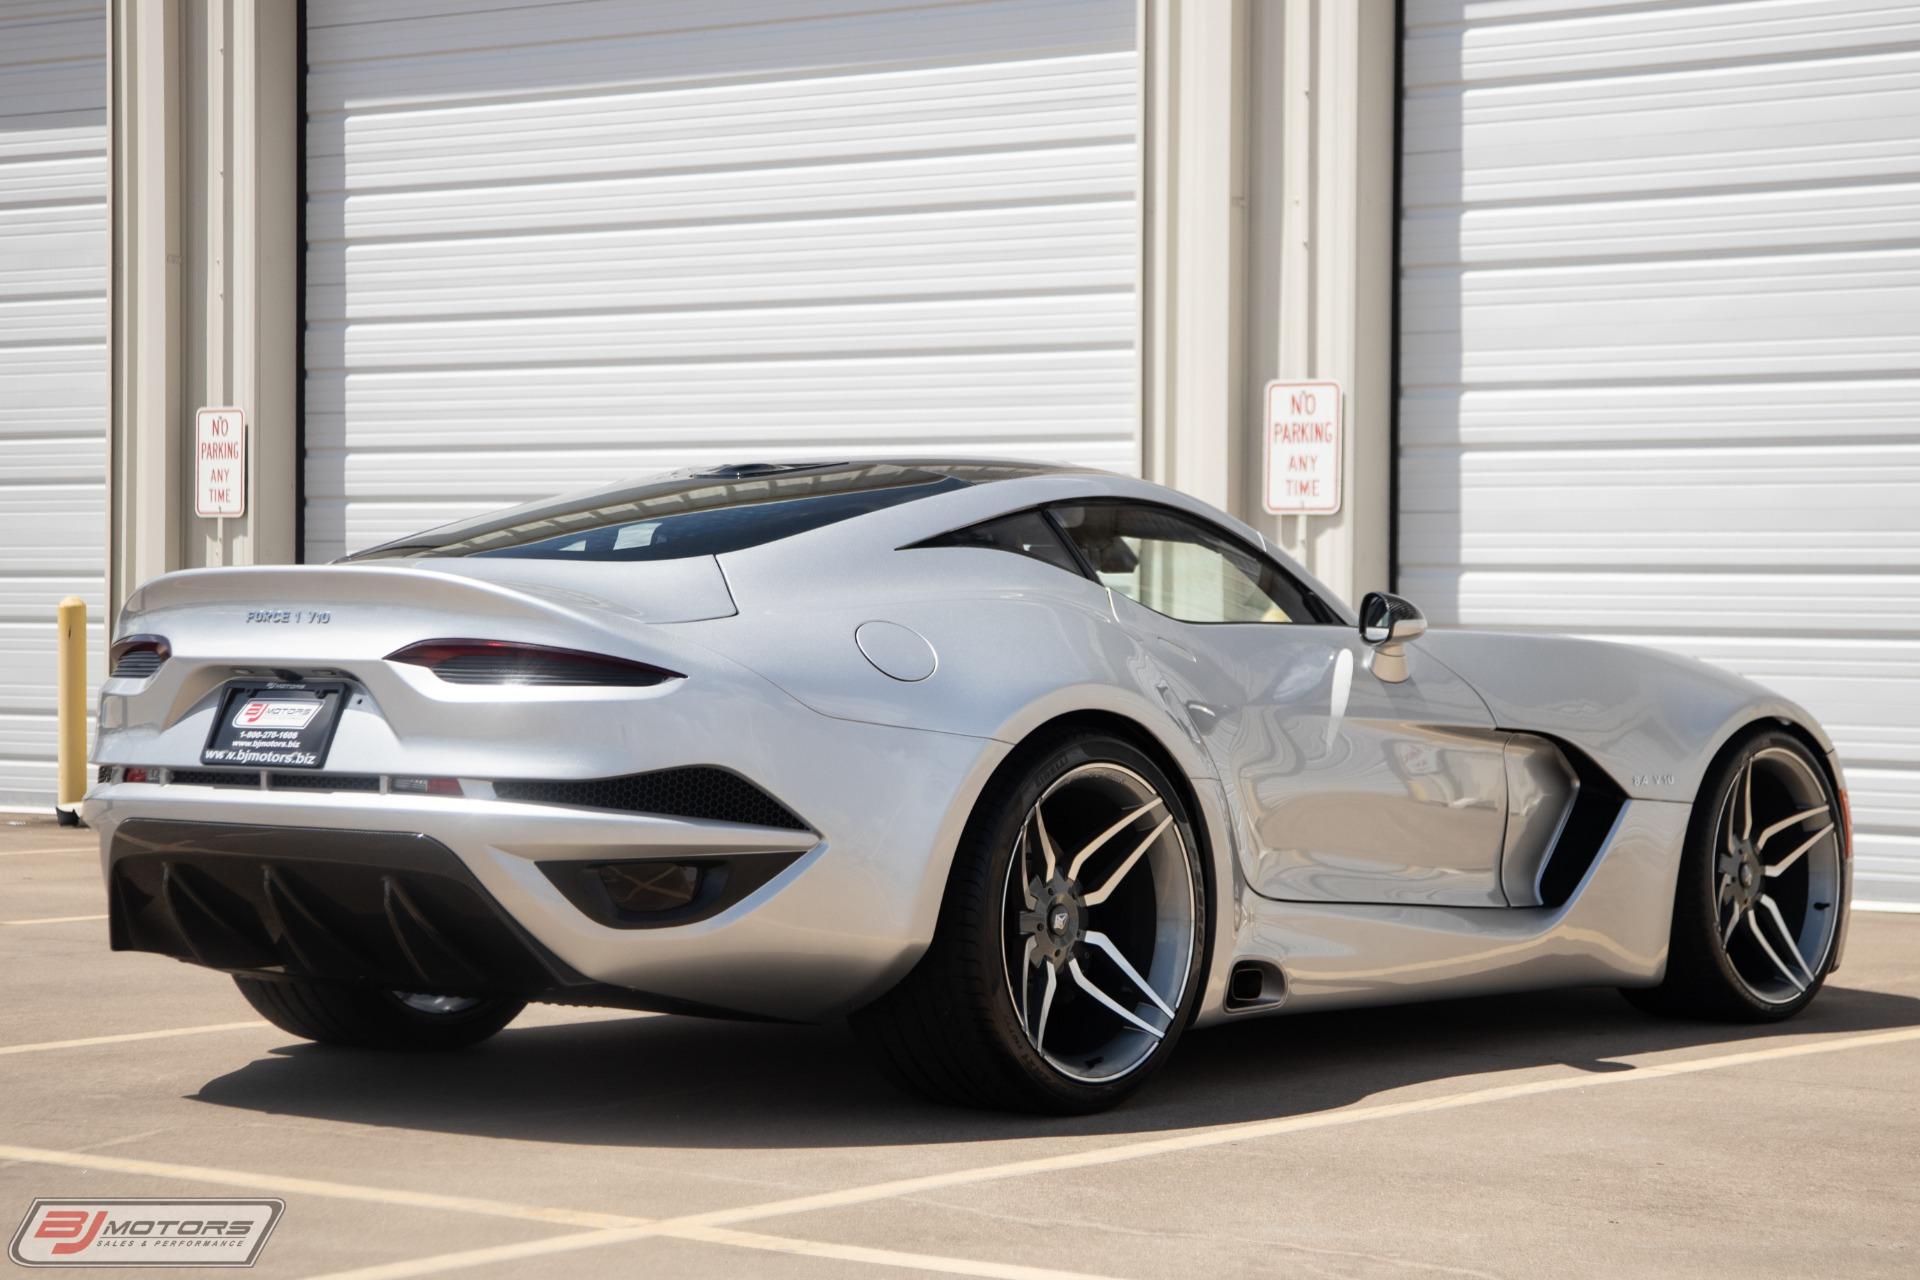 New-2018-VLF-Automotive-V10-Force-1